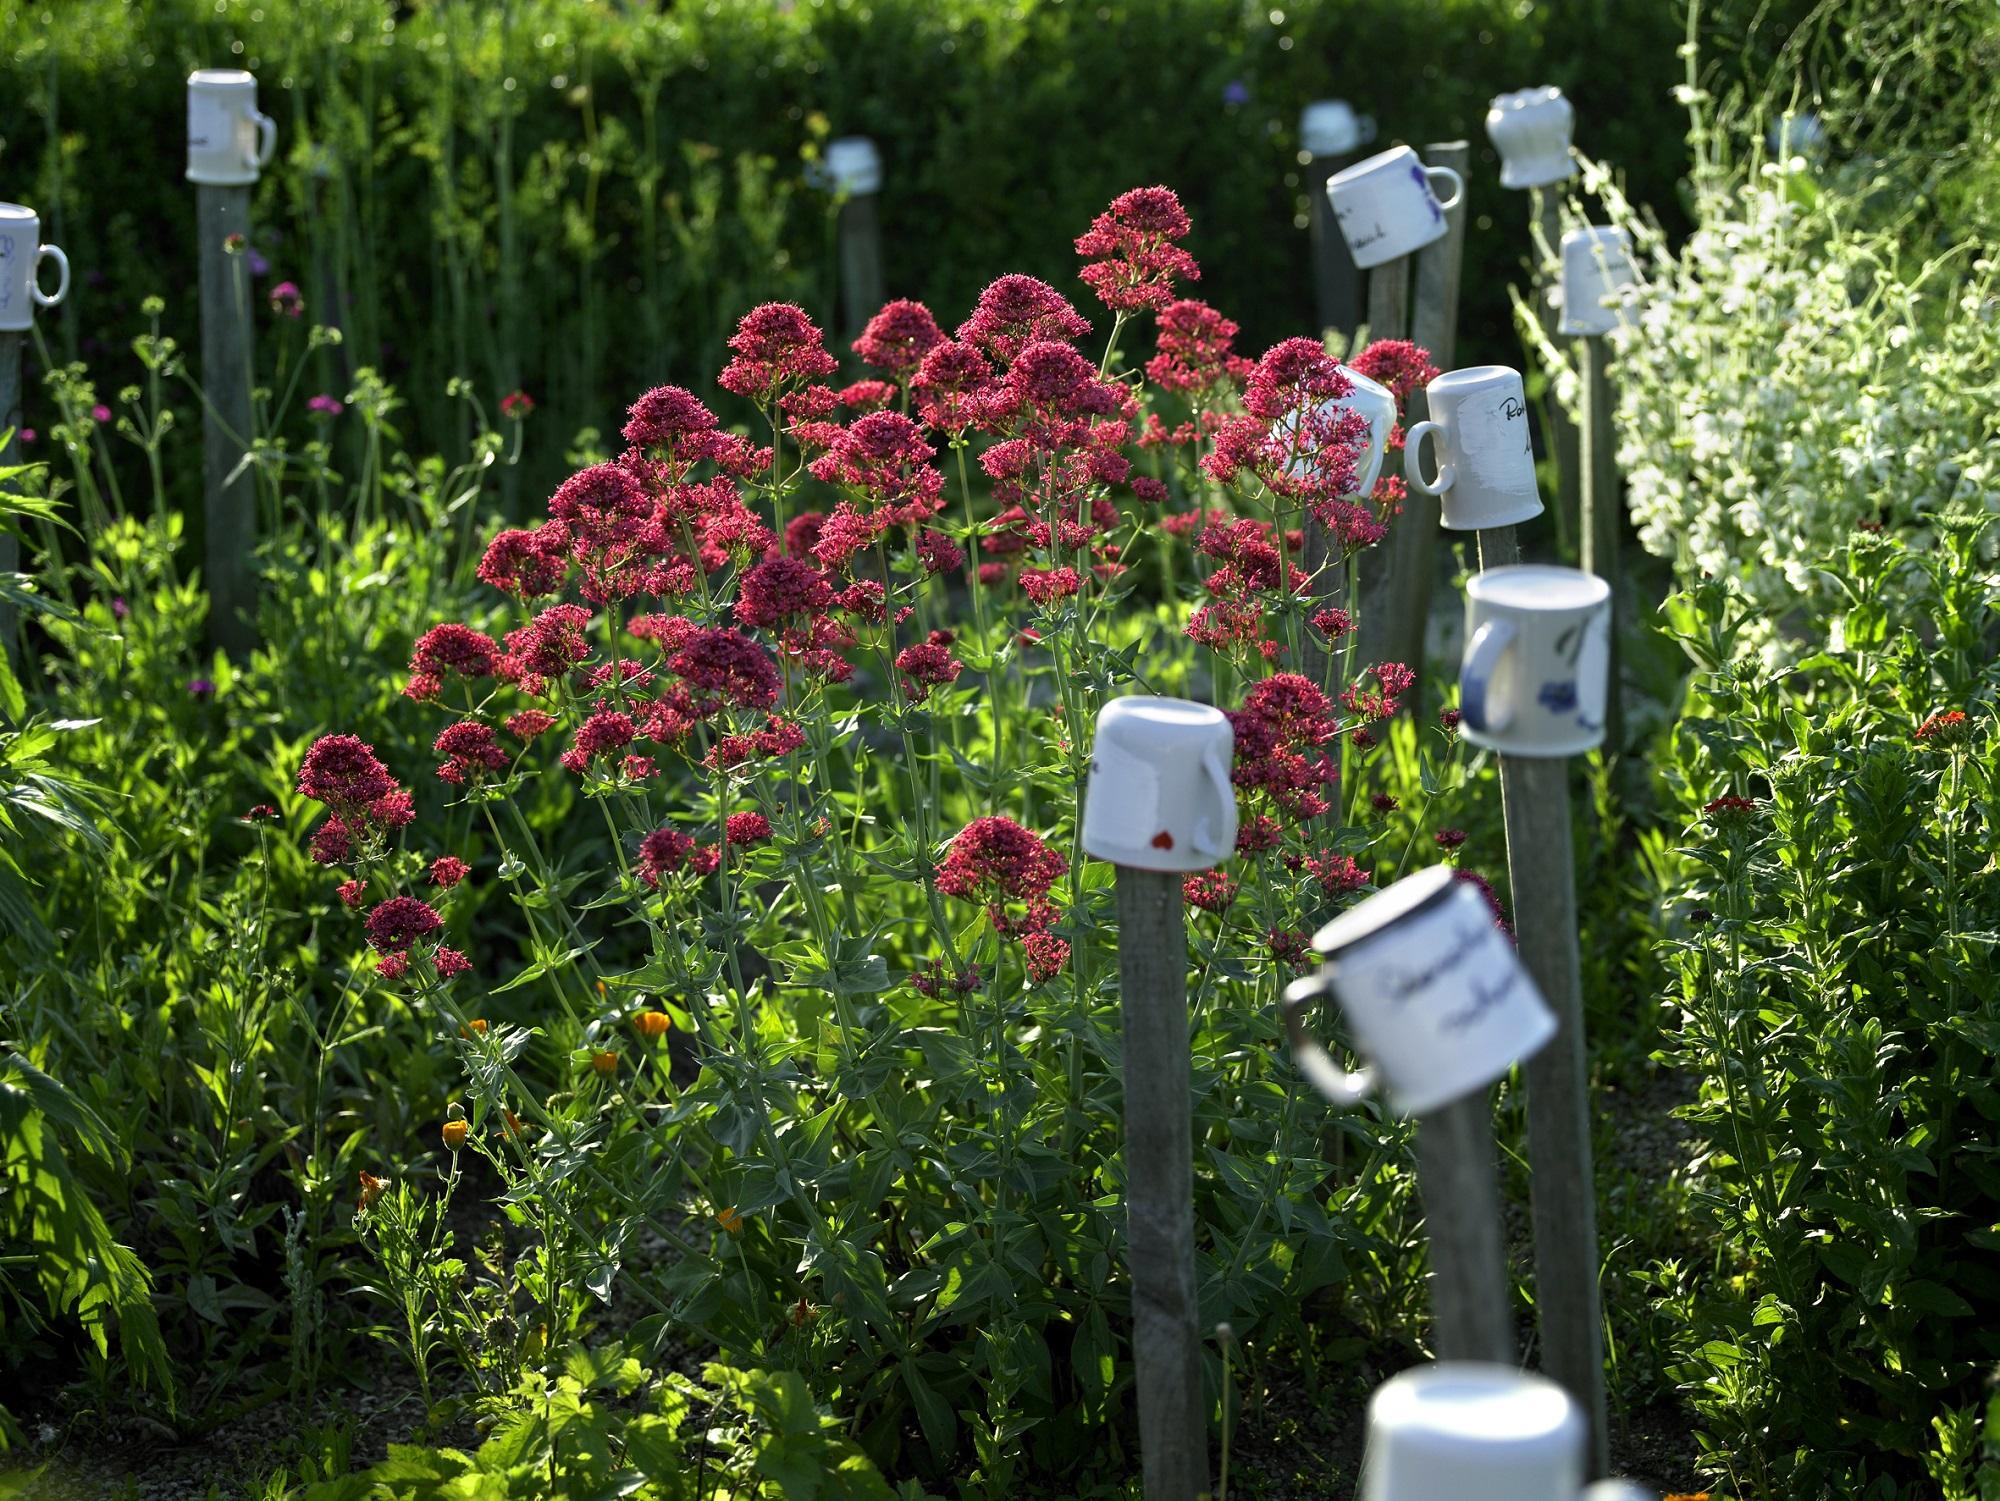 Schaugarten gertraude schmidt willkommen auf natur im garten for Natur im garten